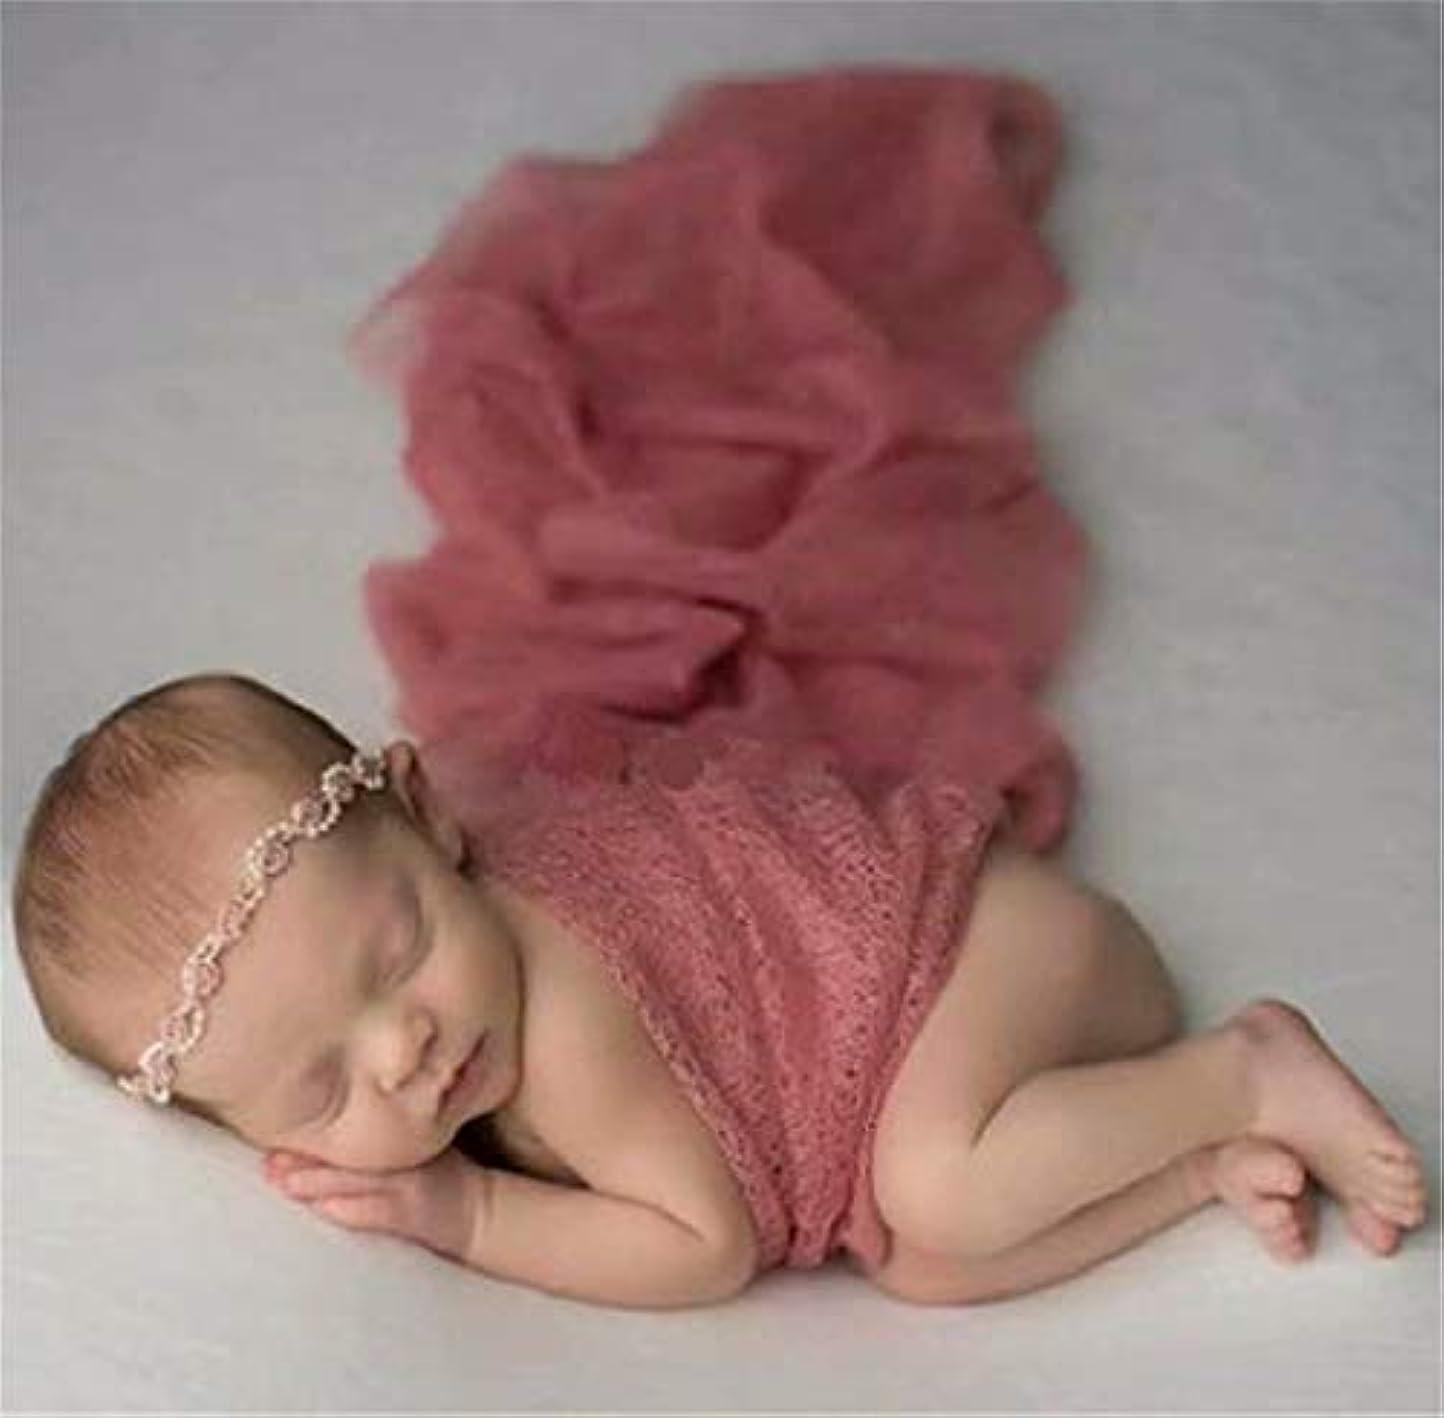 いうテクスチャー眠っている七里の香 生まれたばかりの赤ちゃんの写真の衣装 赤ちゃんの男の子の女の子の写真撮影のための新生児の写真の小道具毛布のたたきレースのラップ 赤ちゃん用